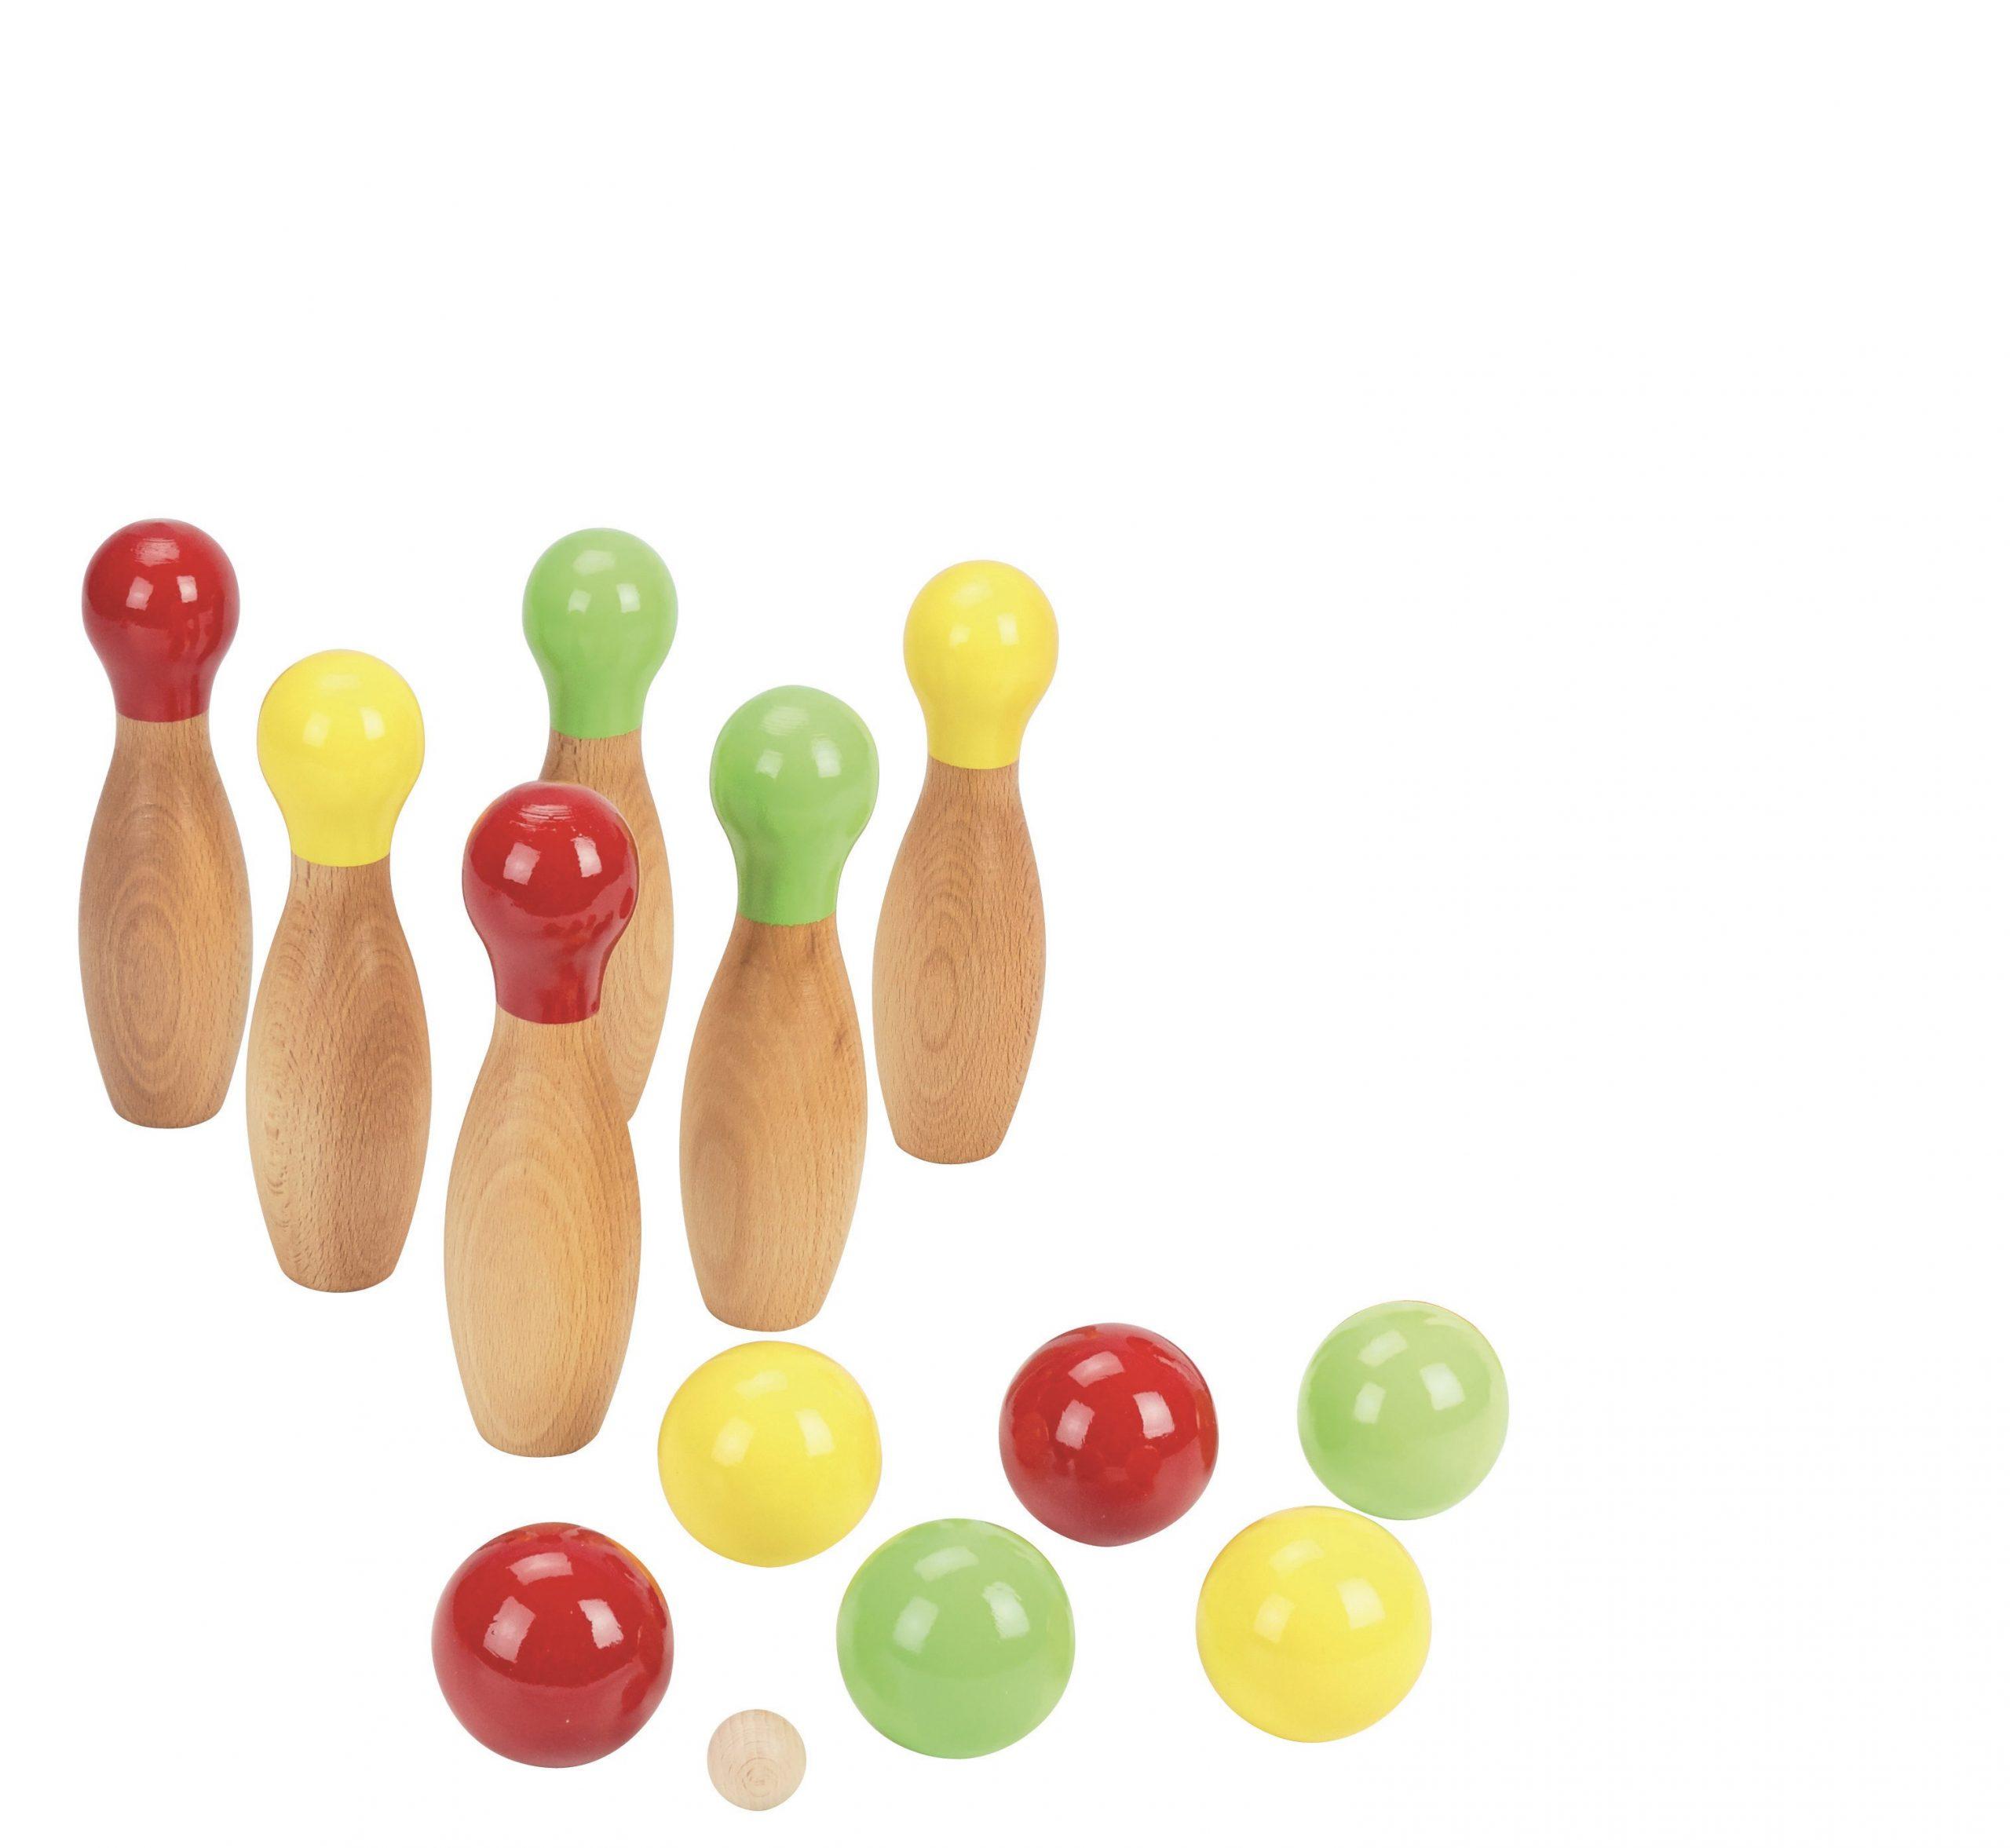 Jeux De Bowling Et Pétanque à Jeux De Bouligue